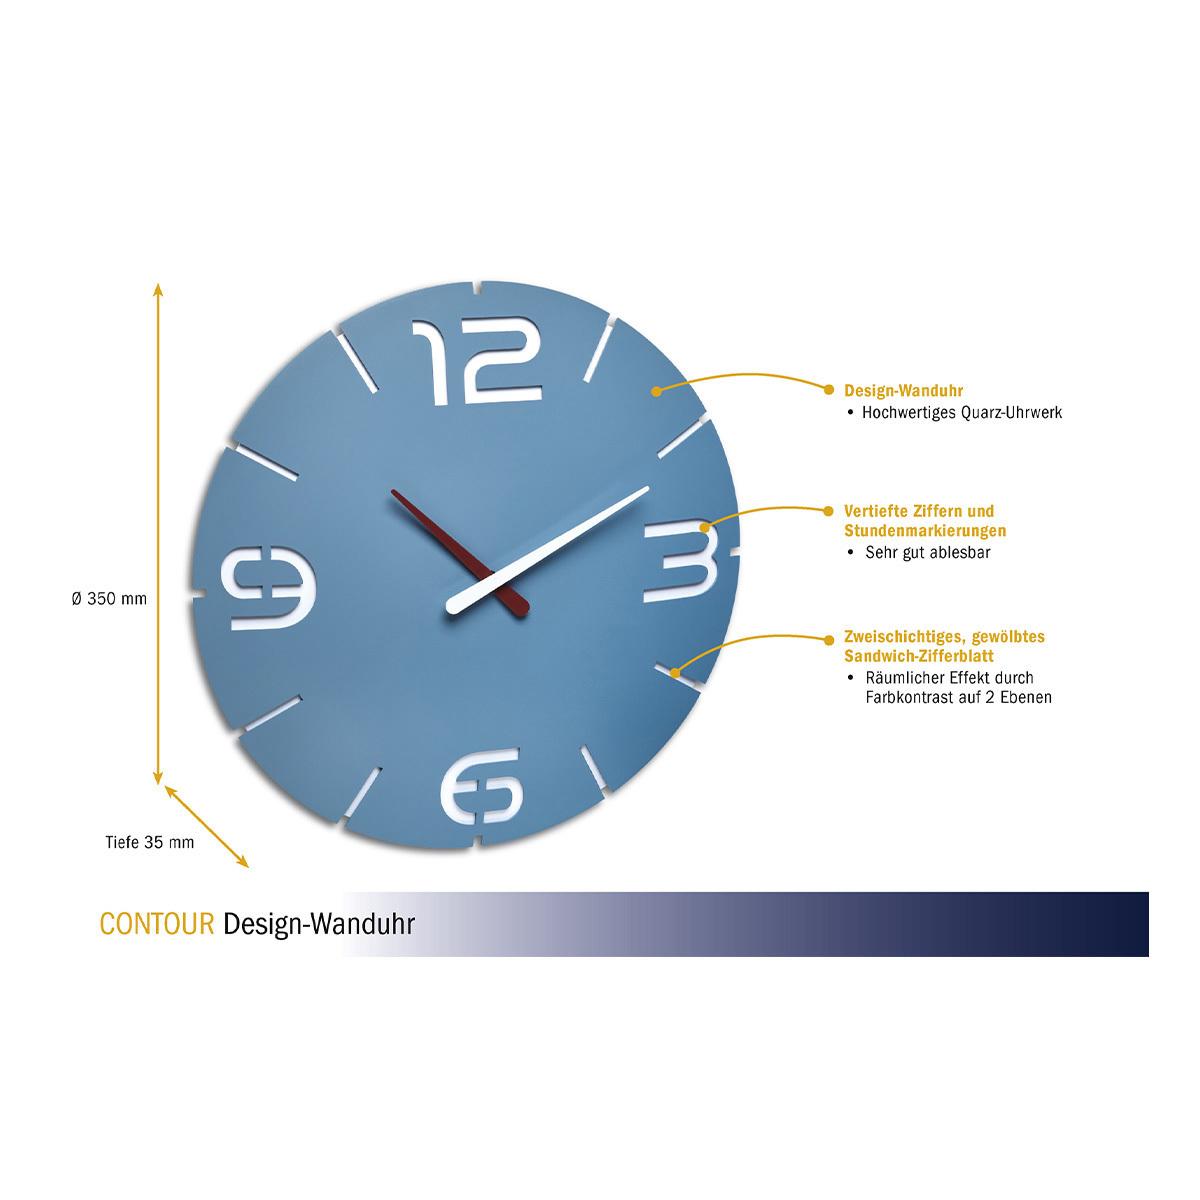 60-3047-14-design-wanduhr-contour-abmessungen-1200x1200px.jpg